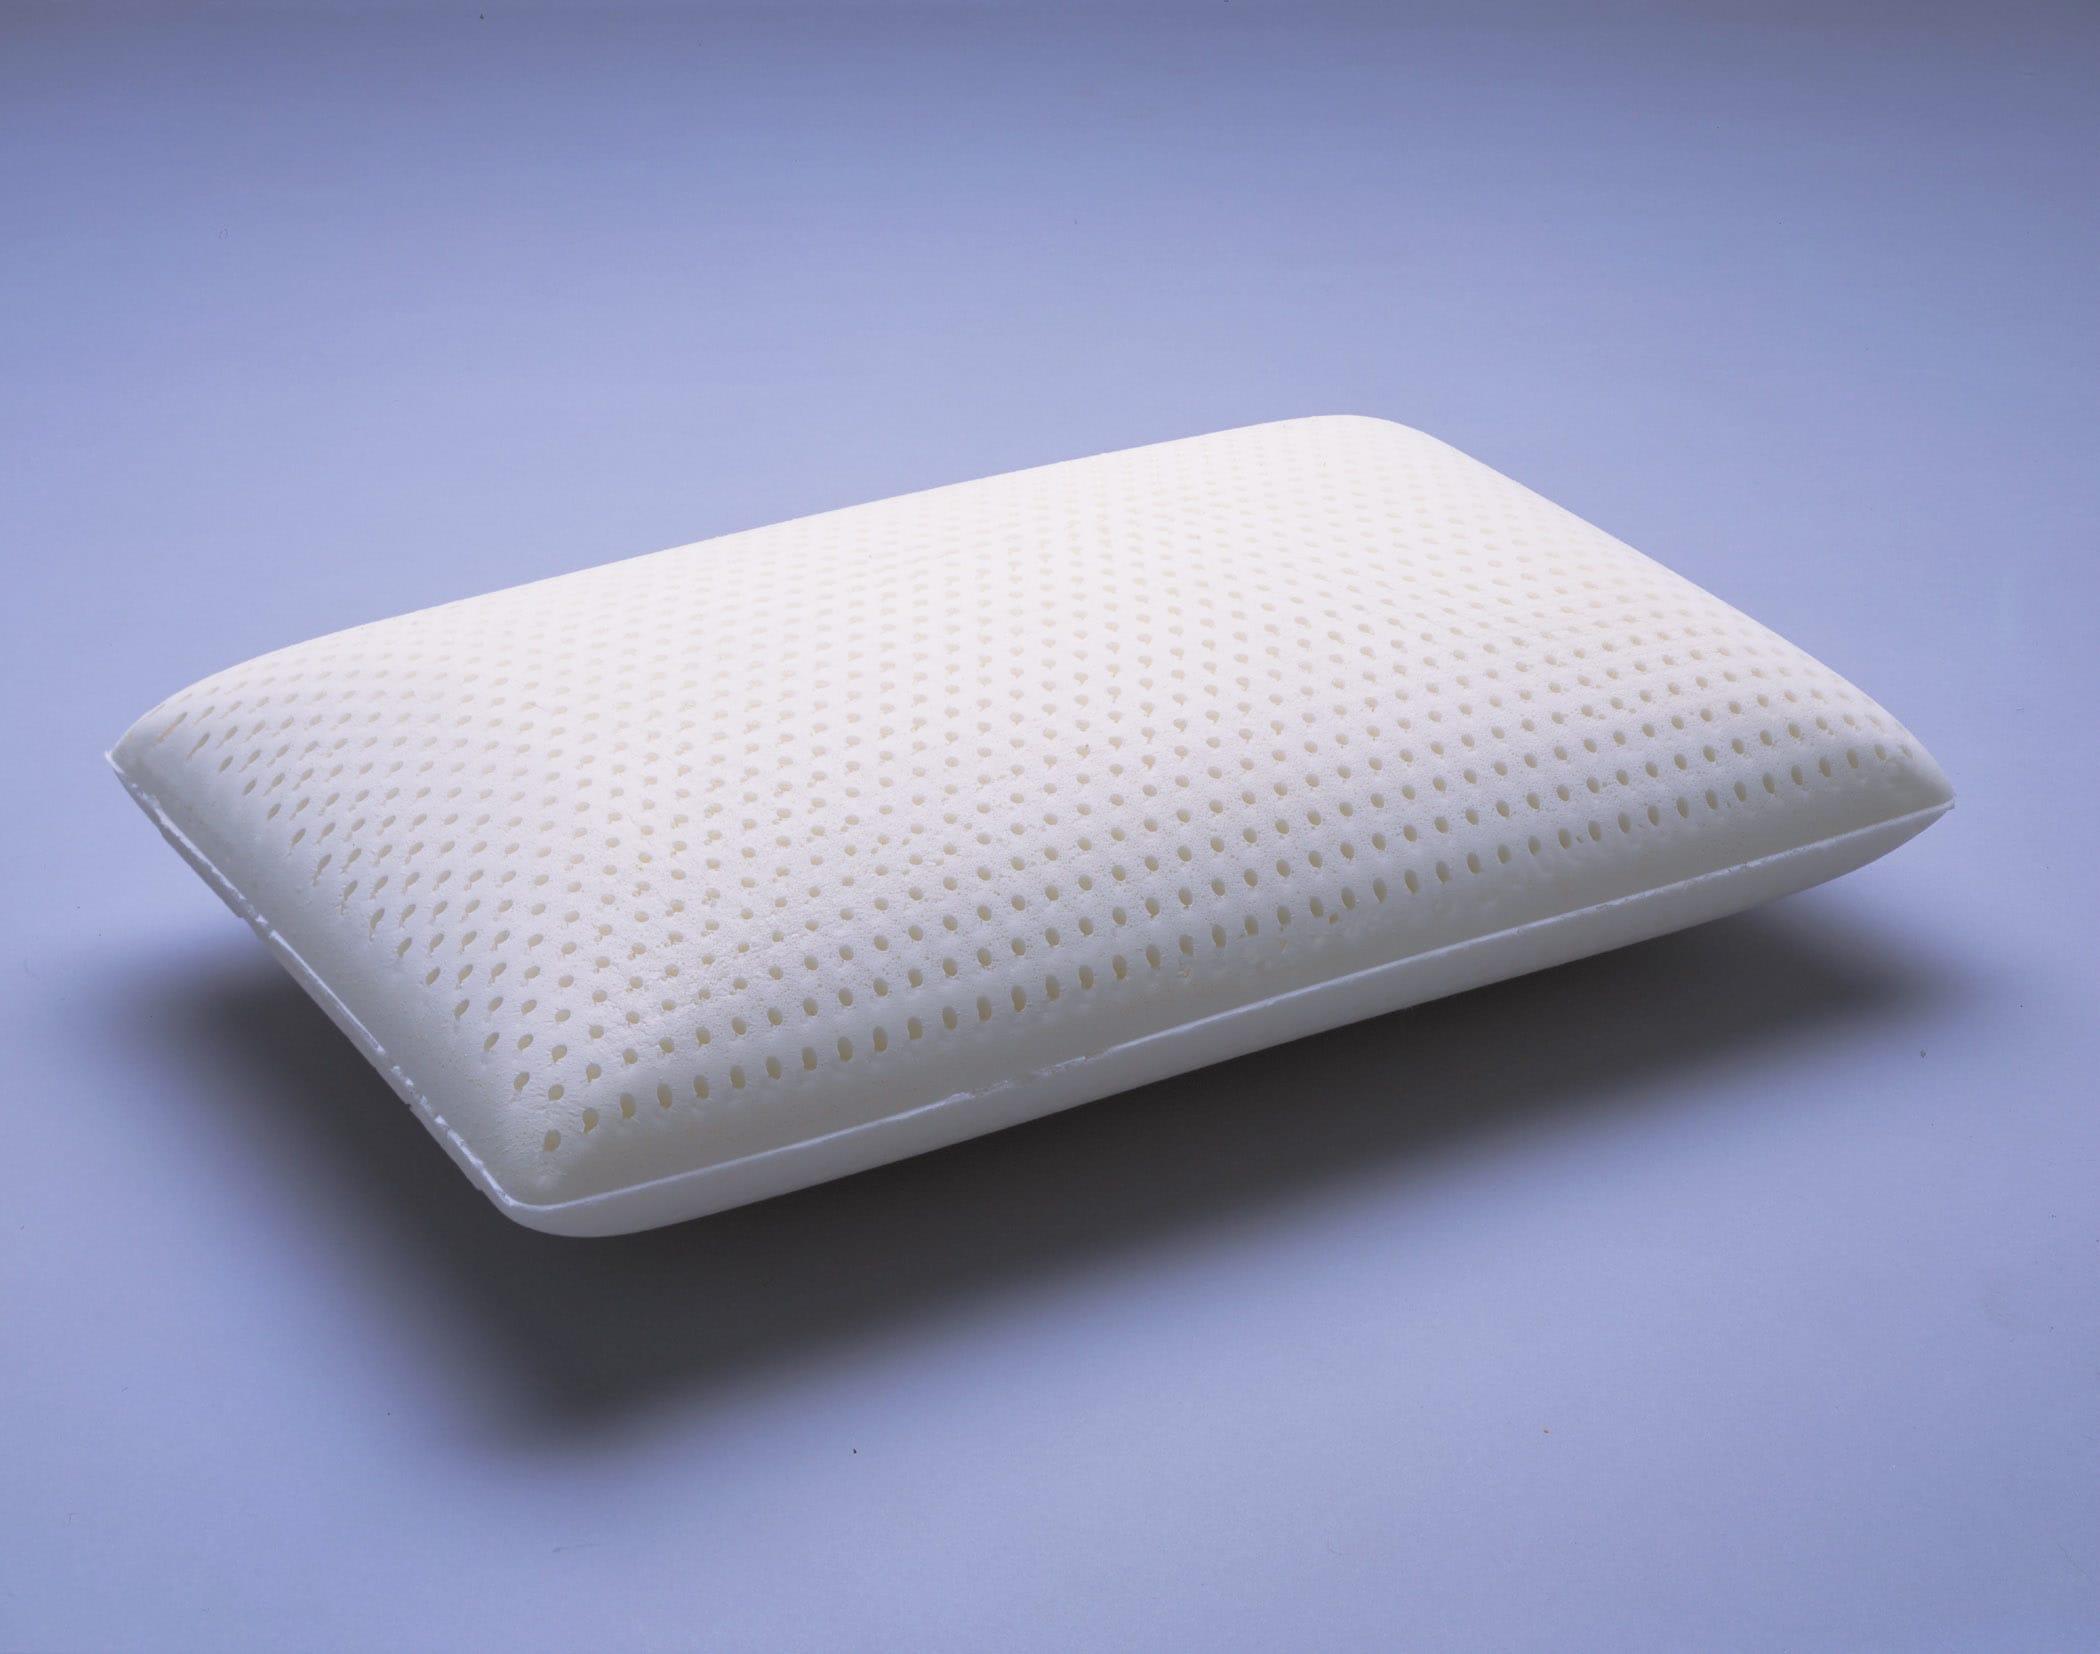 Nature's Rest High Loft Plush Latex Pillow - Thumbnail 1